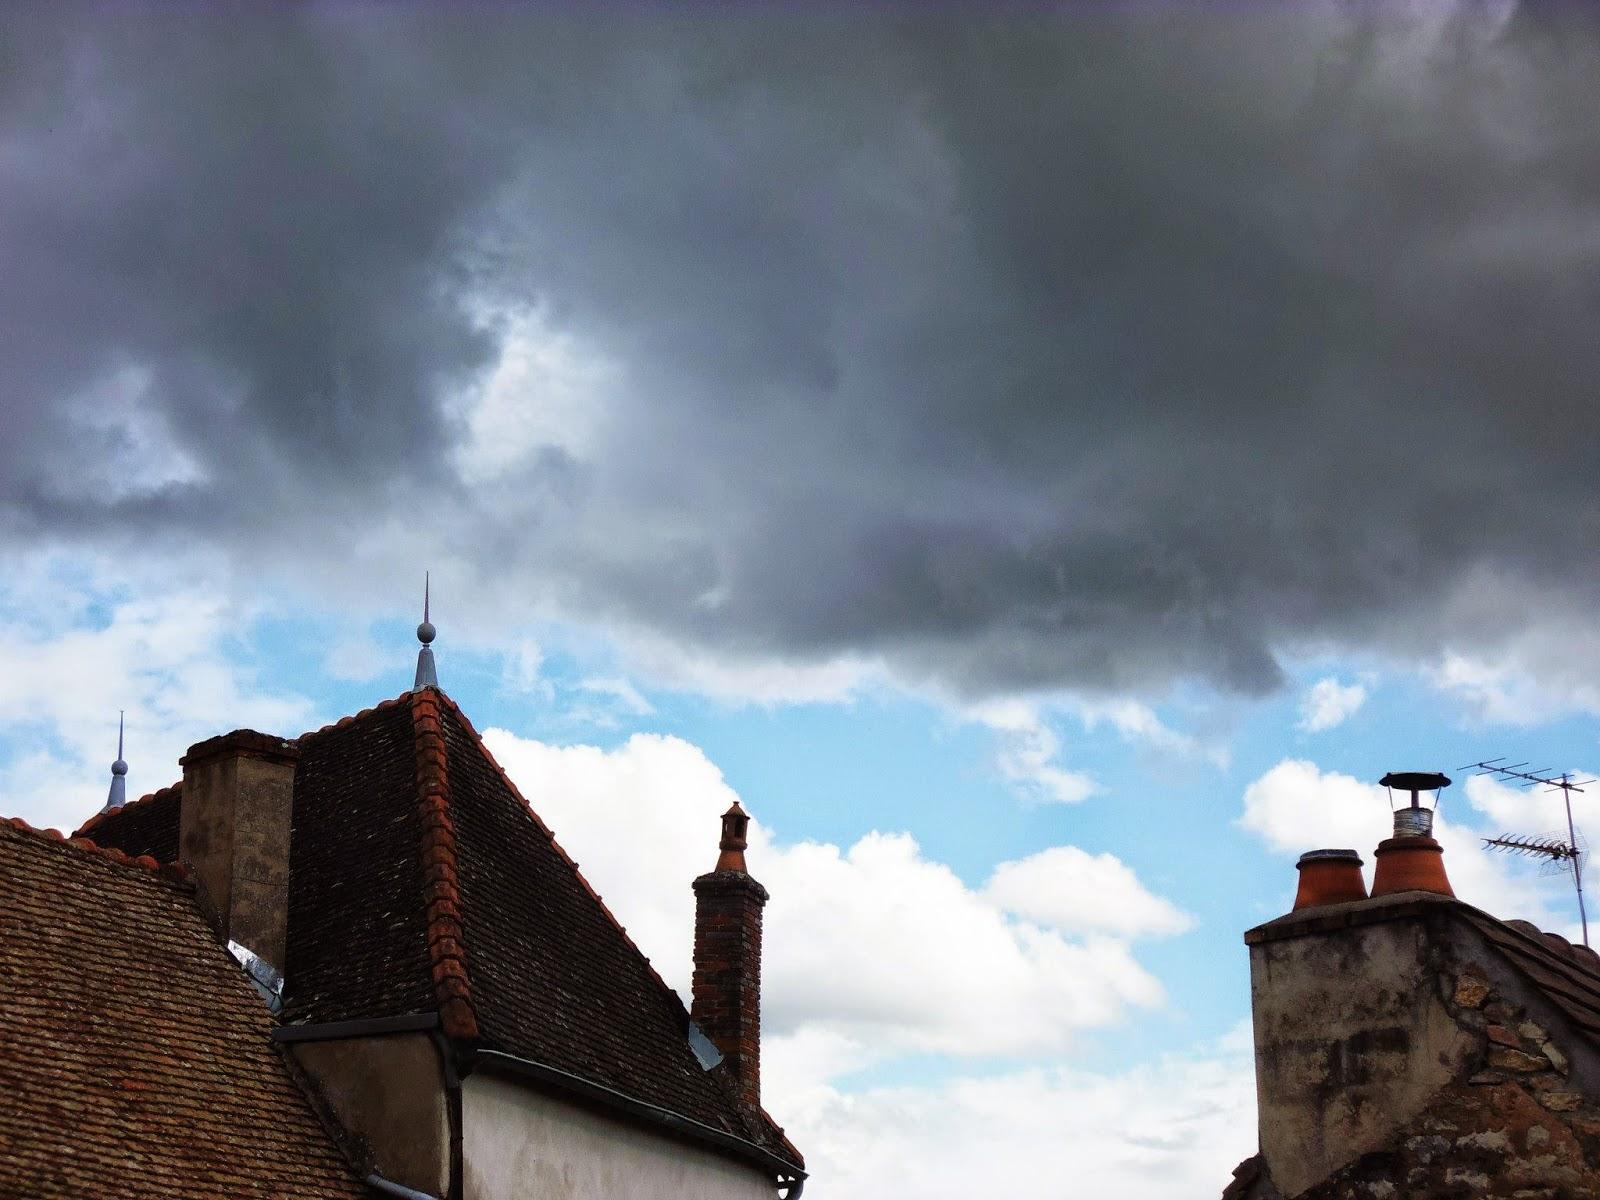 Nuages d'orage